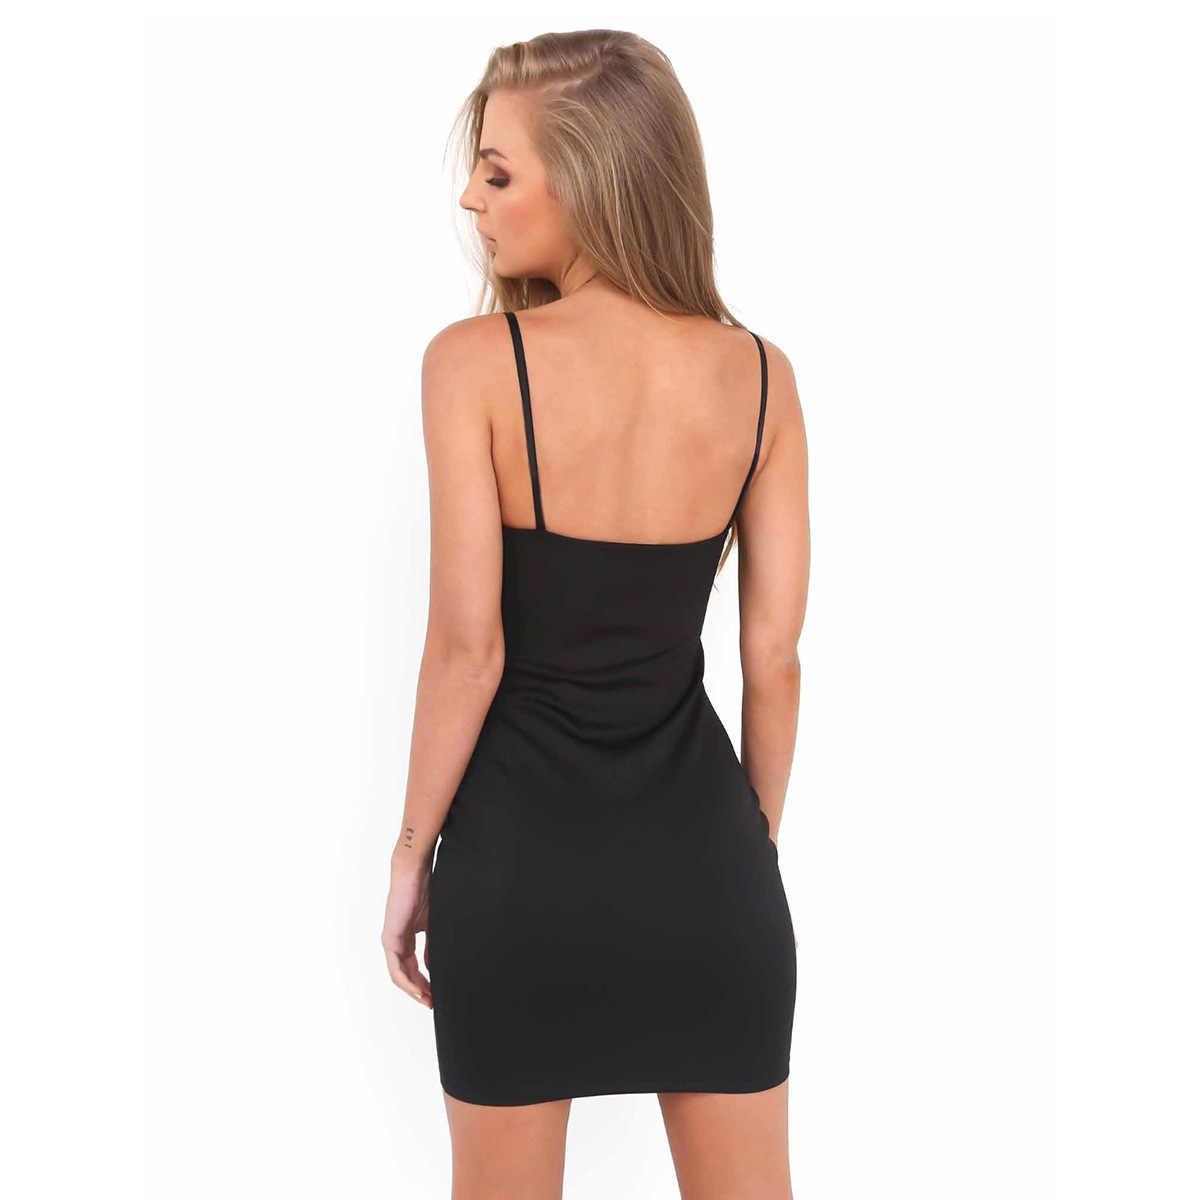 Été femmes Sexy doux robe moulante décontracté sans manches fête Club Mini Spaghetti sangle robe Vestidos pour femme gaine noire